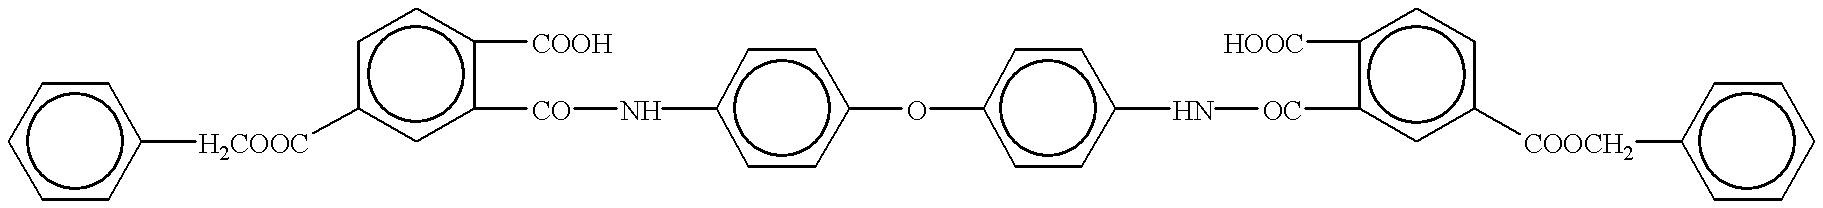 Figure US06180560-20010130-C00155